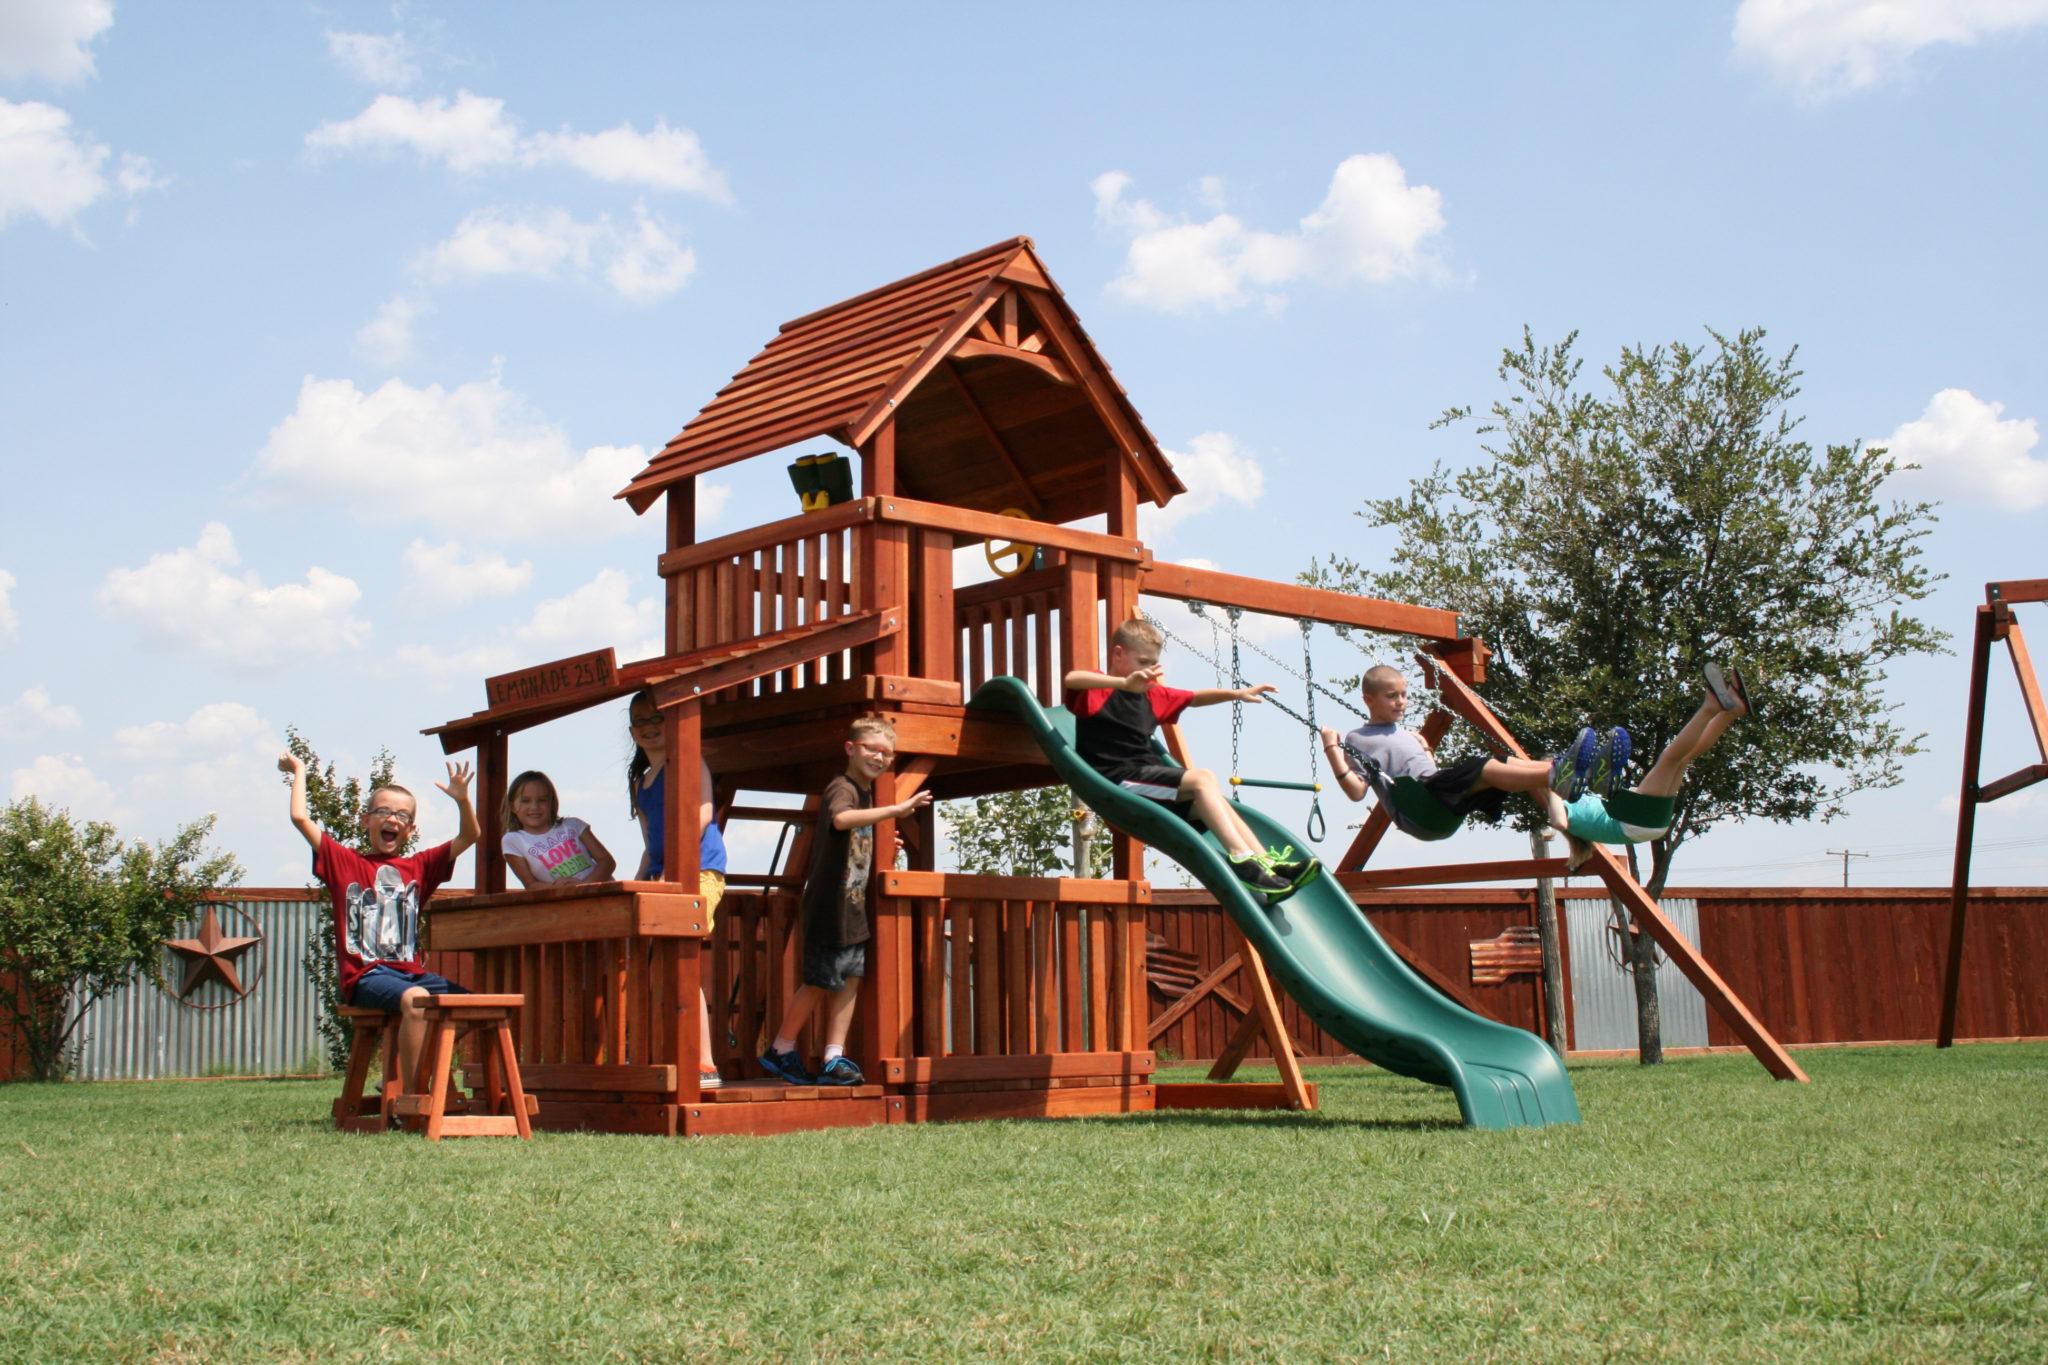 playset, redwood playset, swing sets, swingset, kids, backyard fun, redwood, fort davis